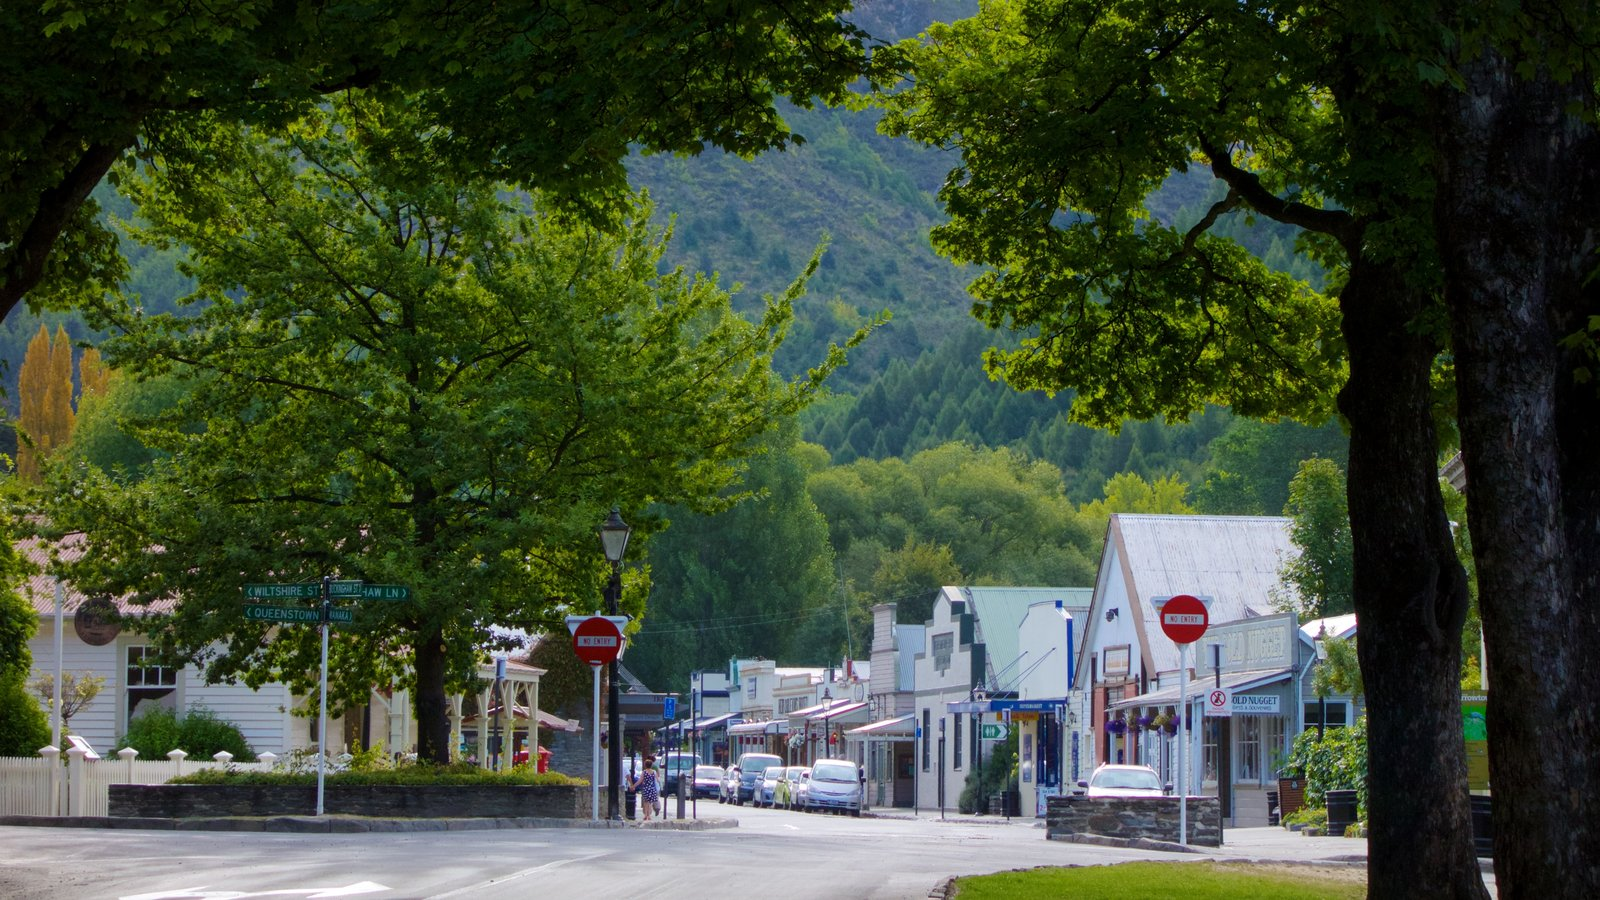 Arrowtown ofreciendo escenas urbanas y una pequeña ciudad o pueblo